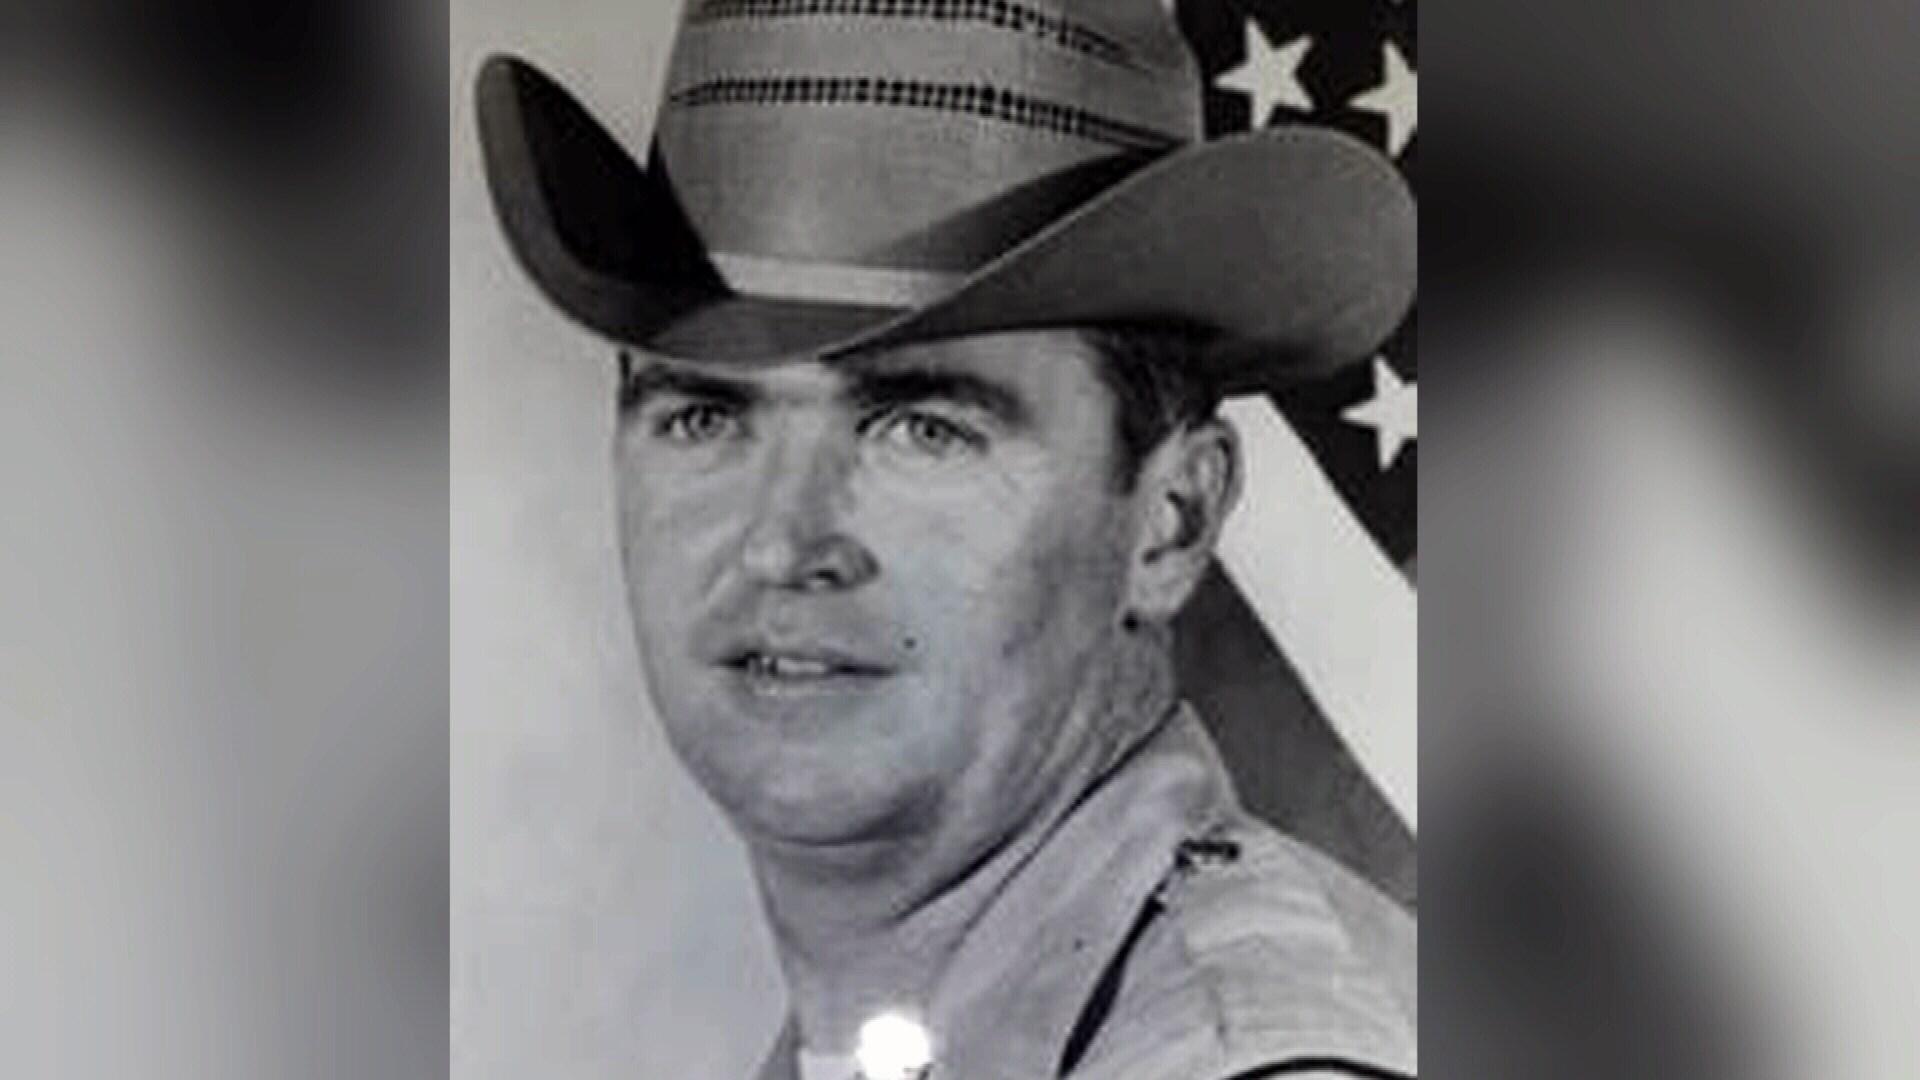 Officer Matt Murphy was shot four times during a traffic stop on December 1st, 1974.